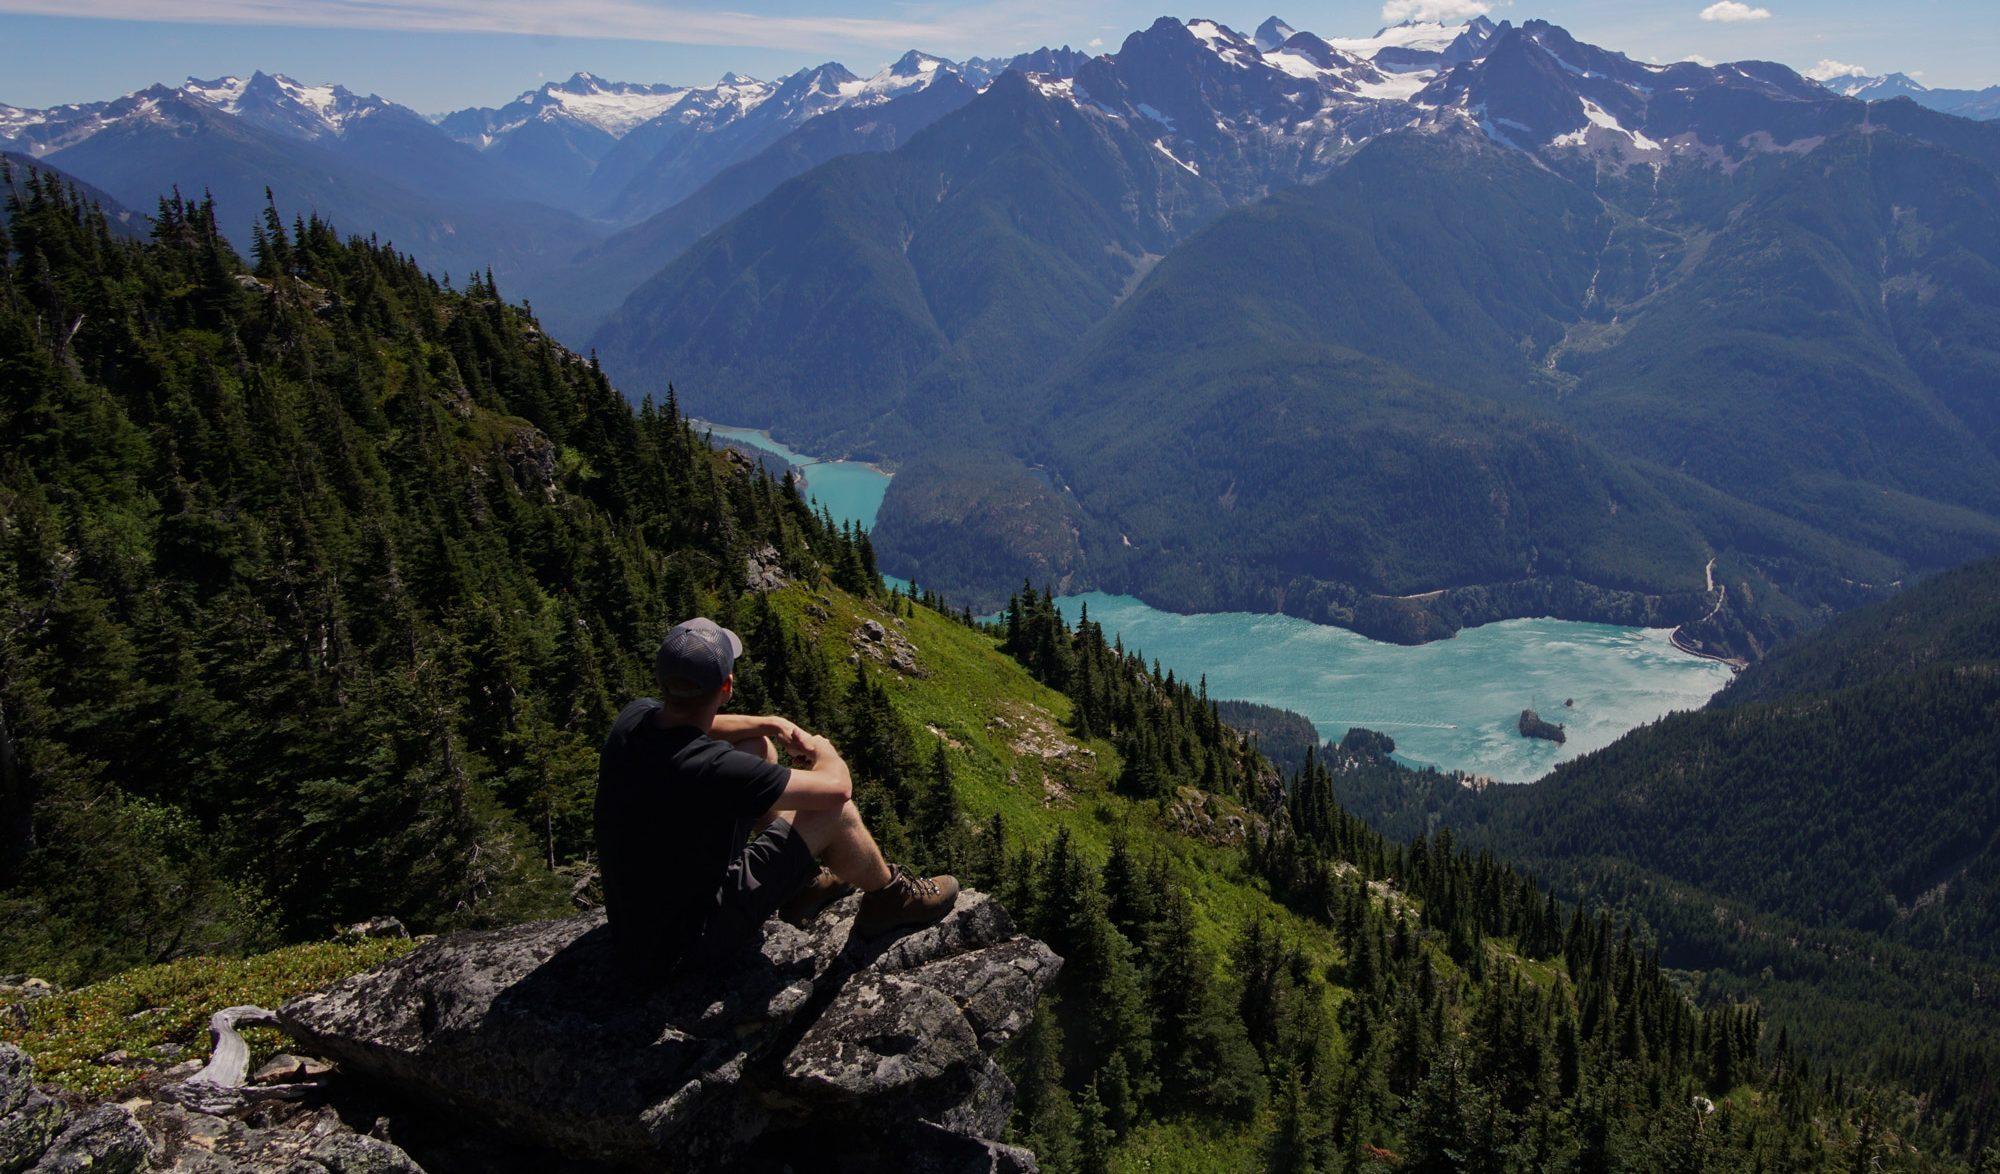 Panorama de montagne avec vue sur un lac